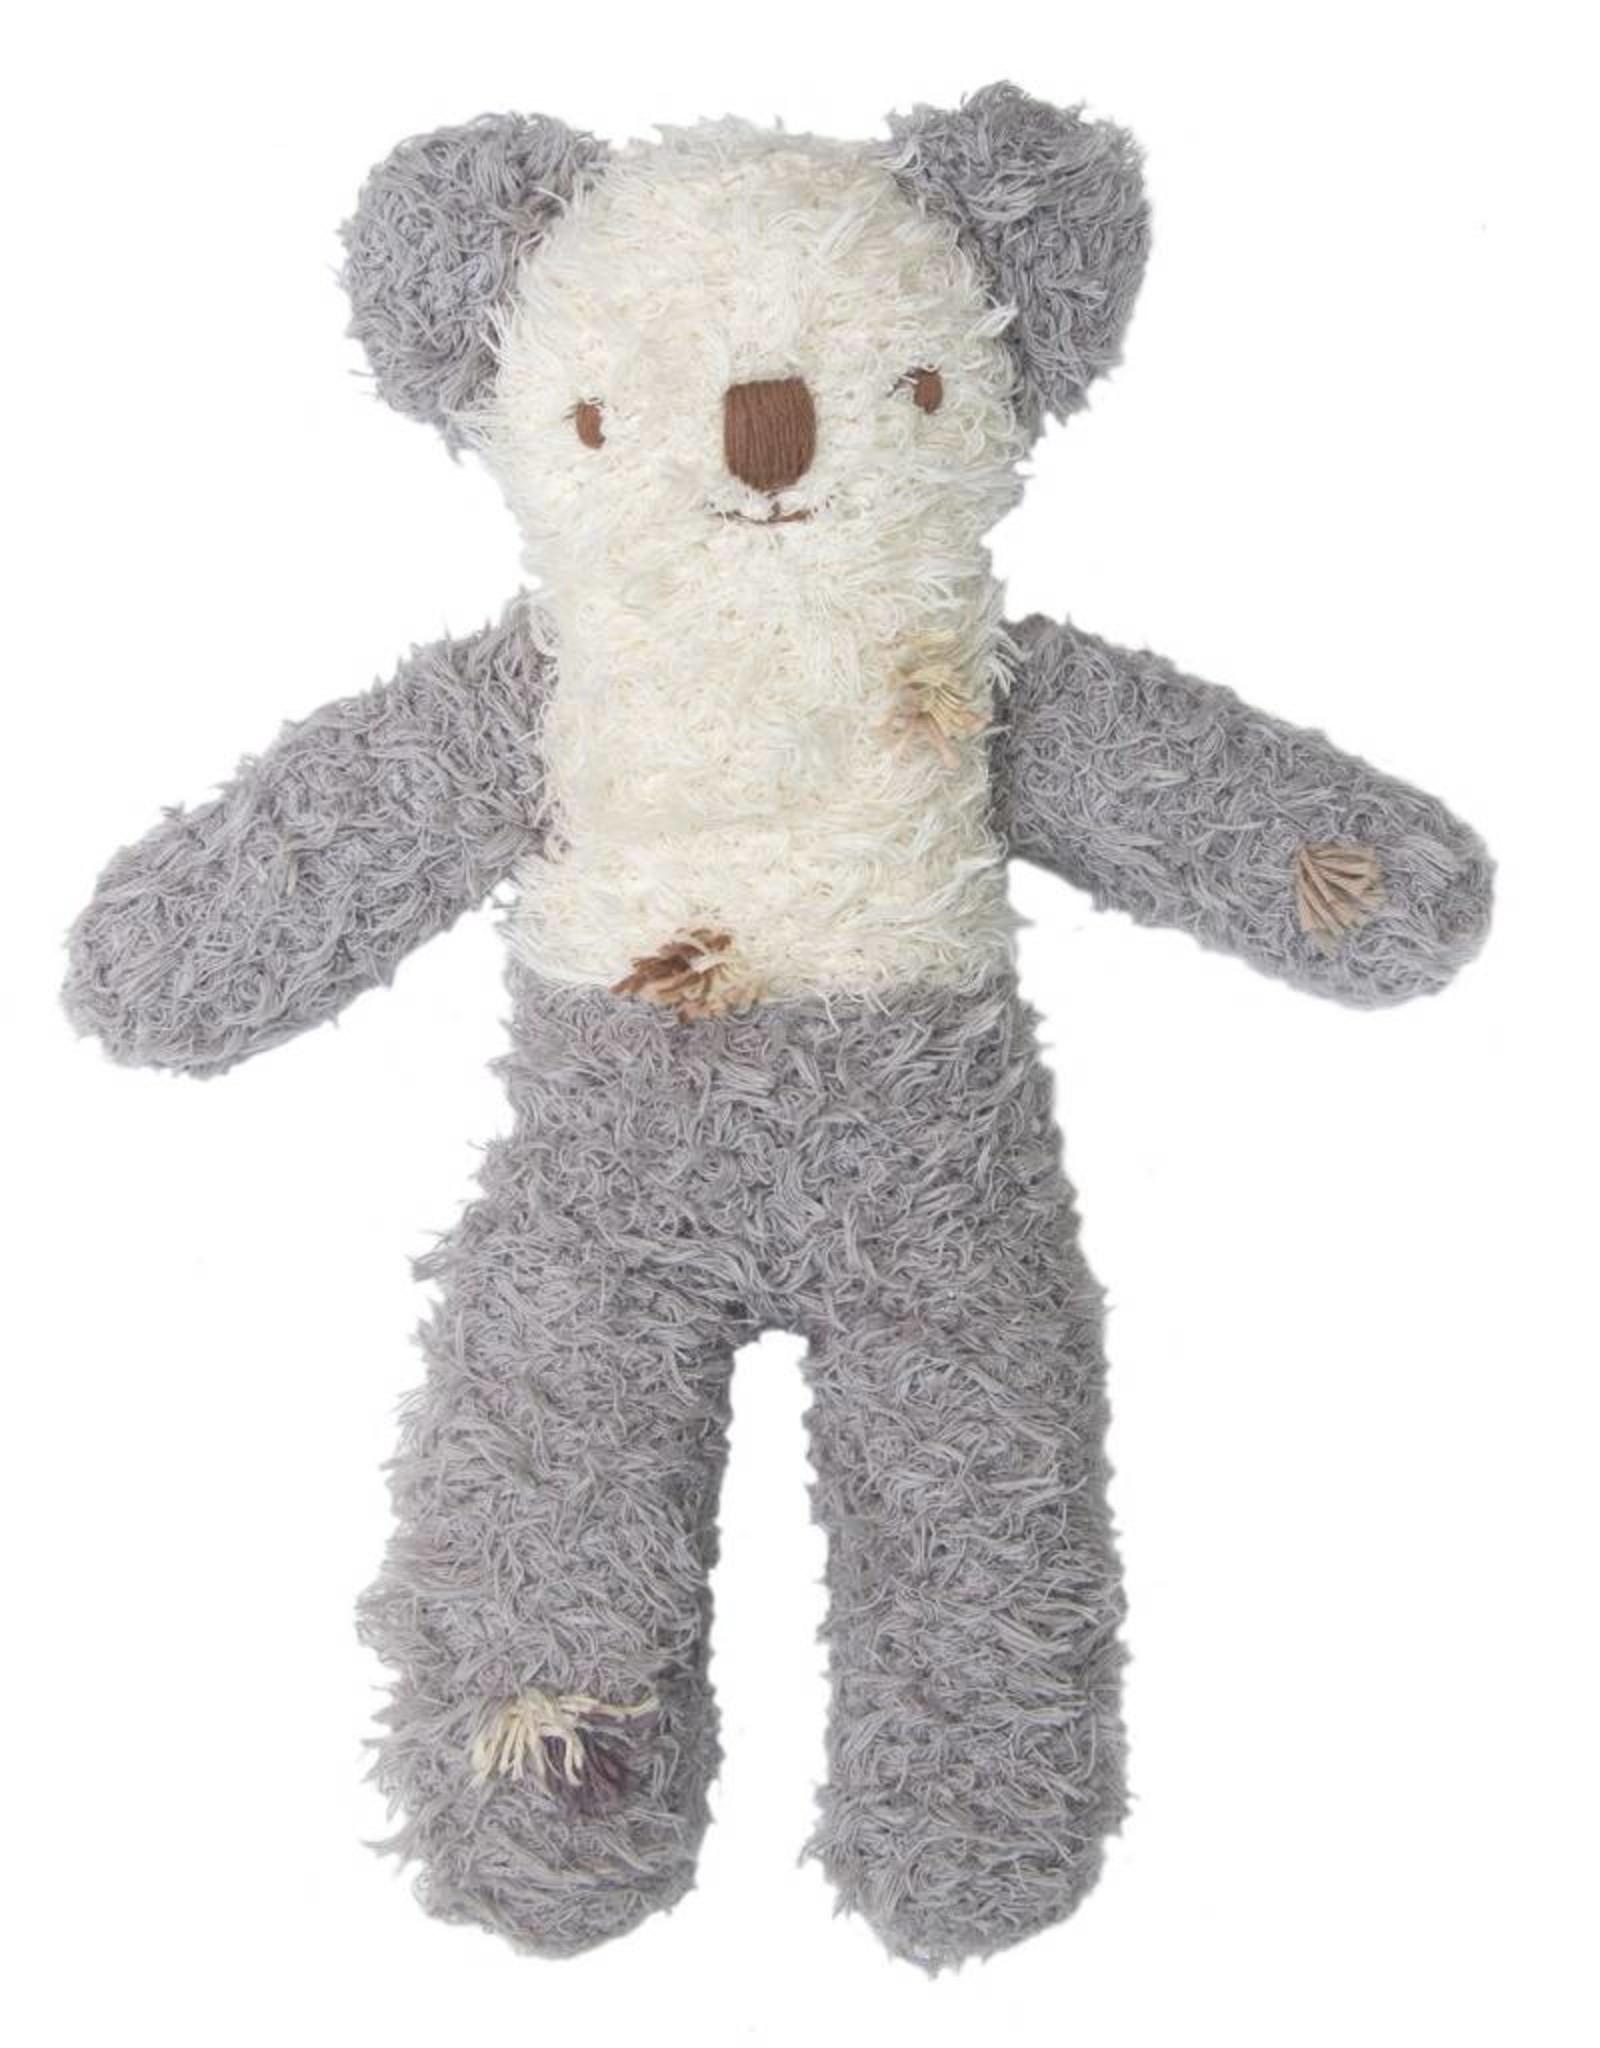 Kooee the Fuzzy Koala